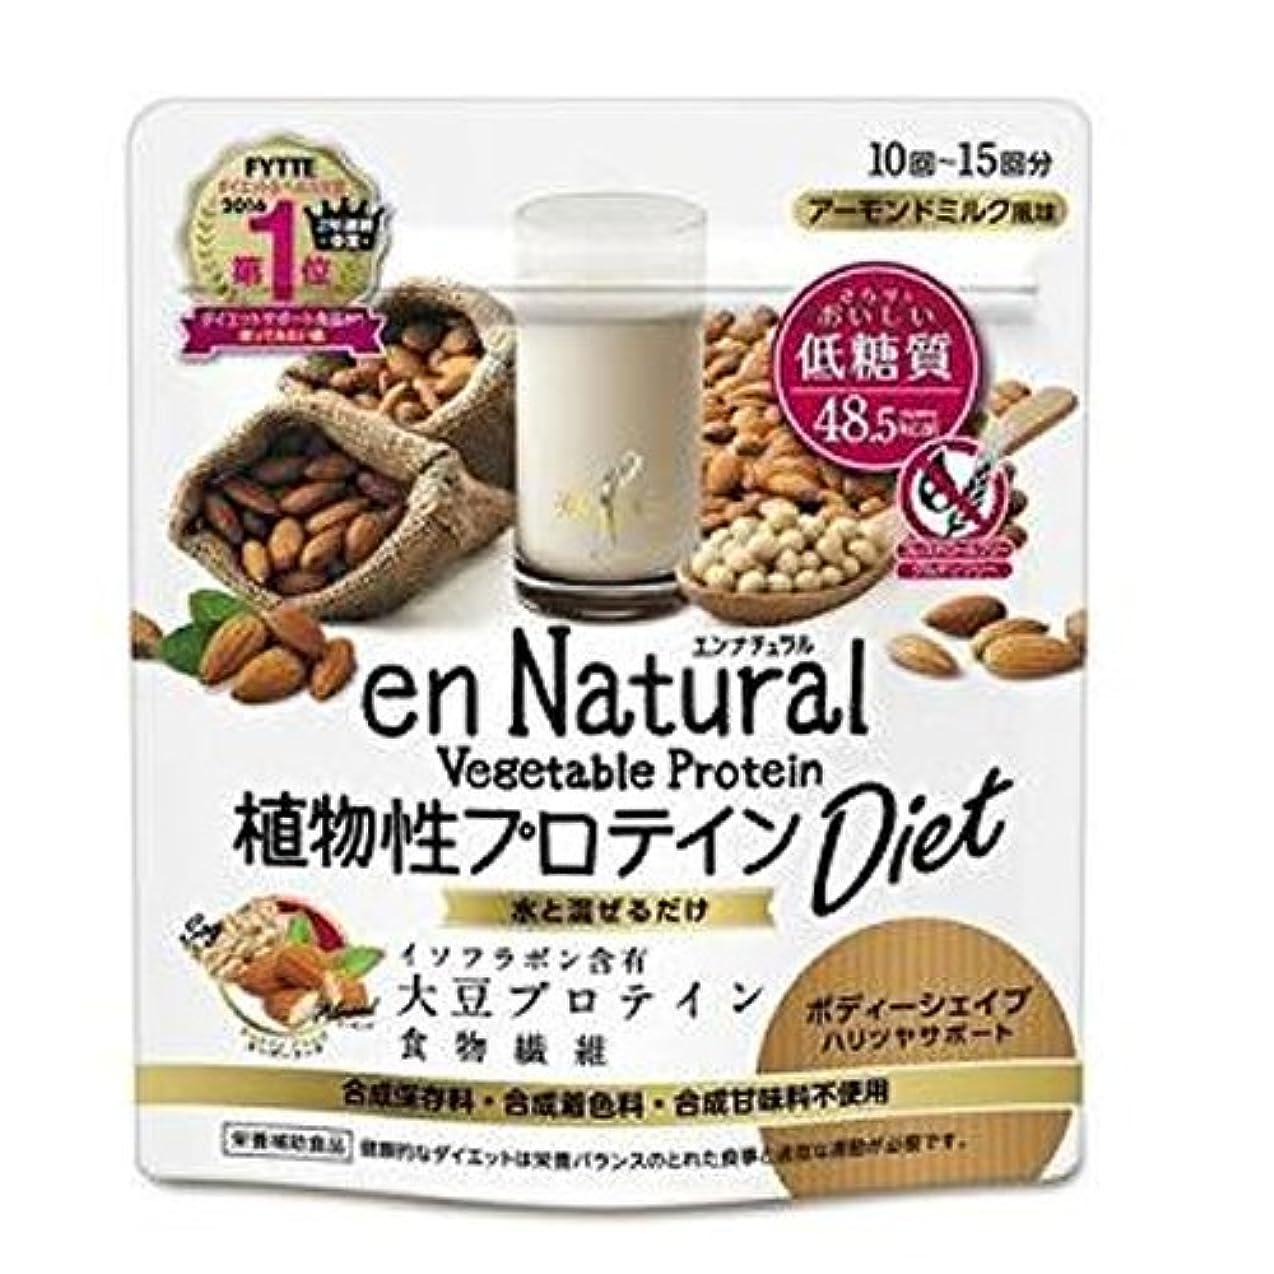 松明まさに無法者メタボリック エンナチュラル植物性プロテインダイエット 150g